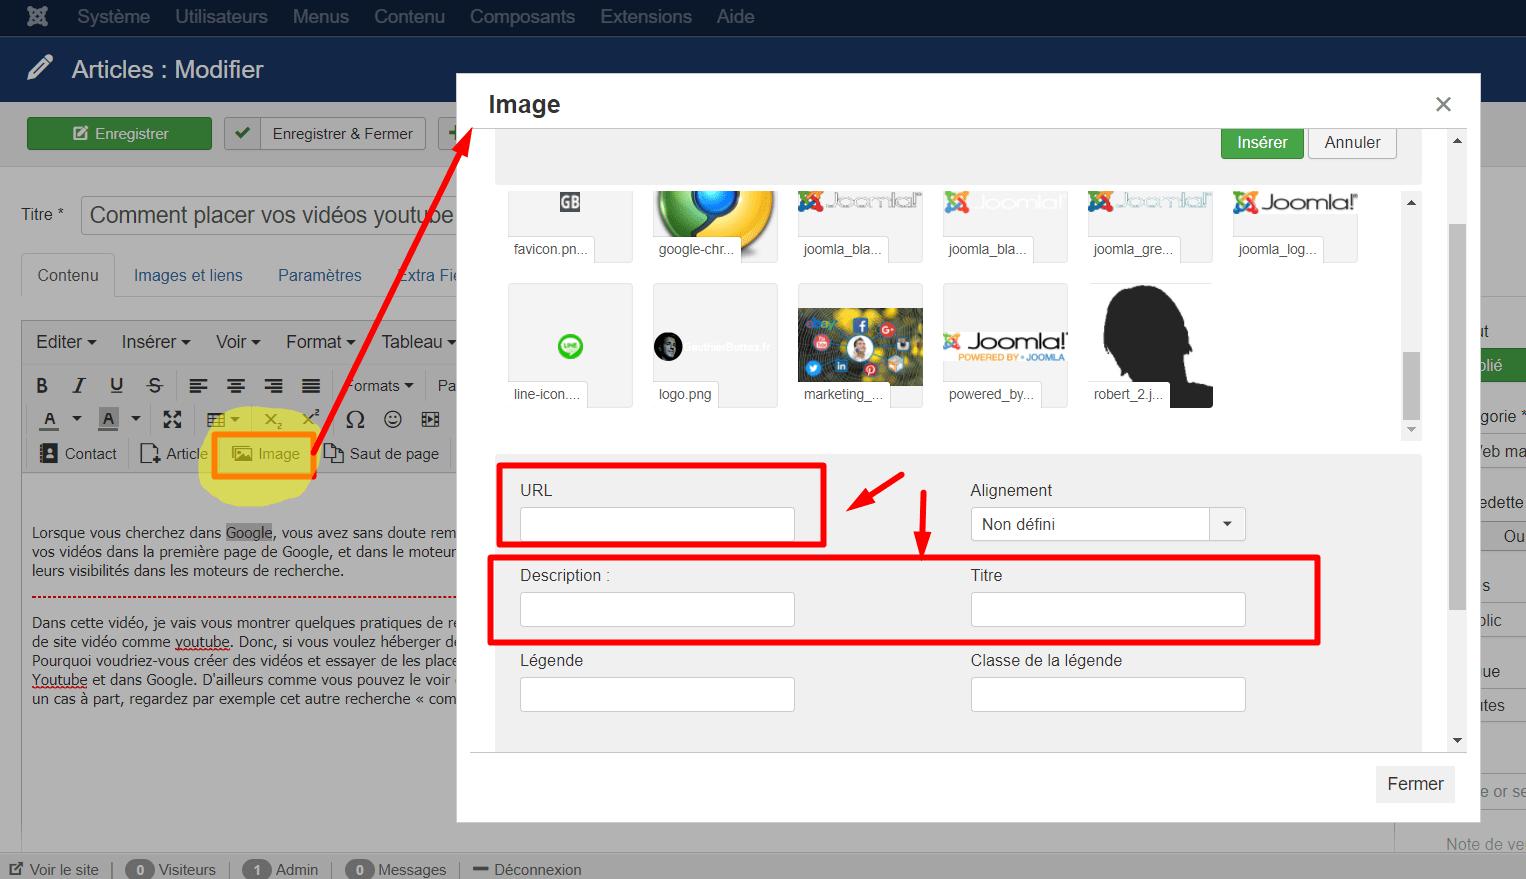 Optimiser ajout d'une image sur Joomla